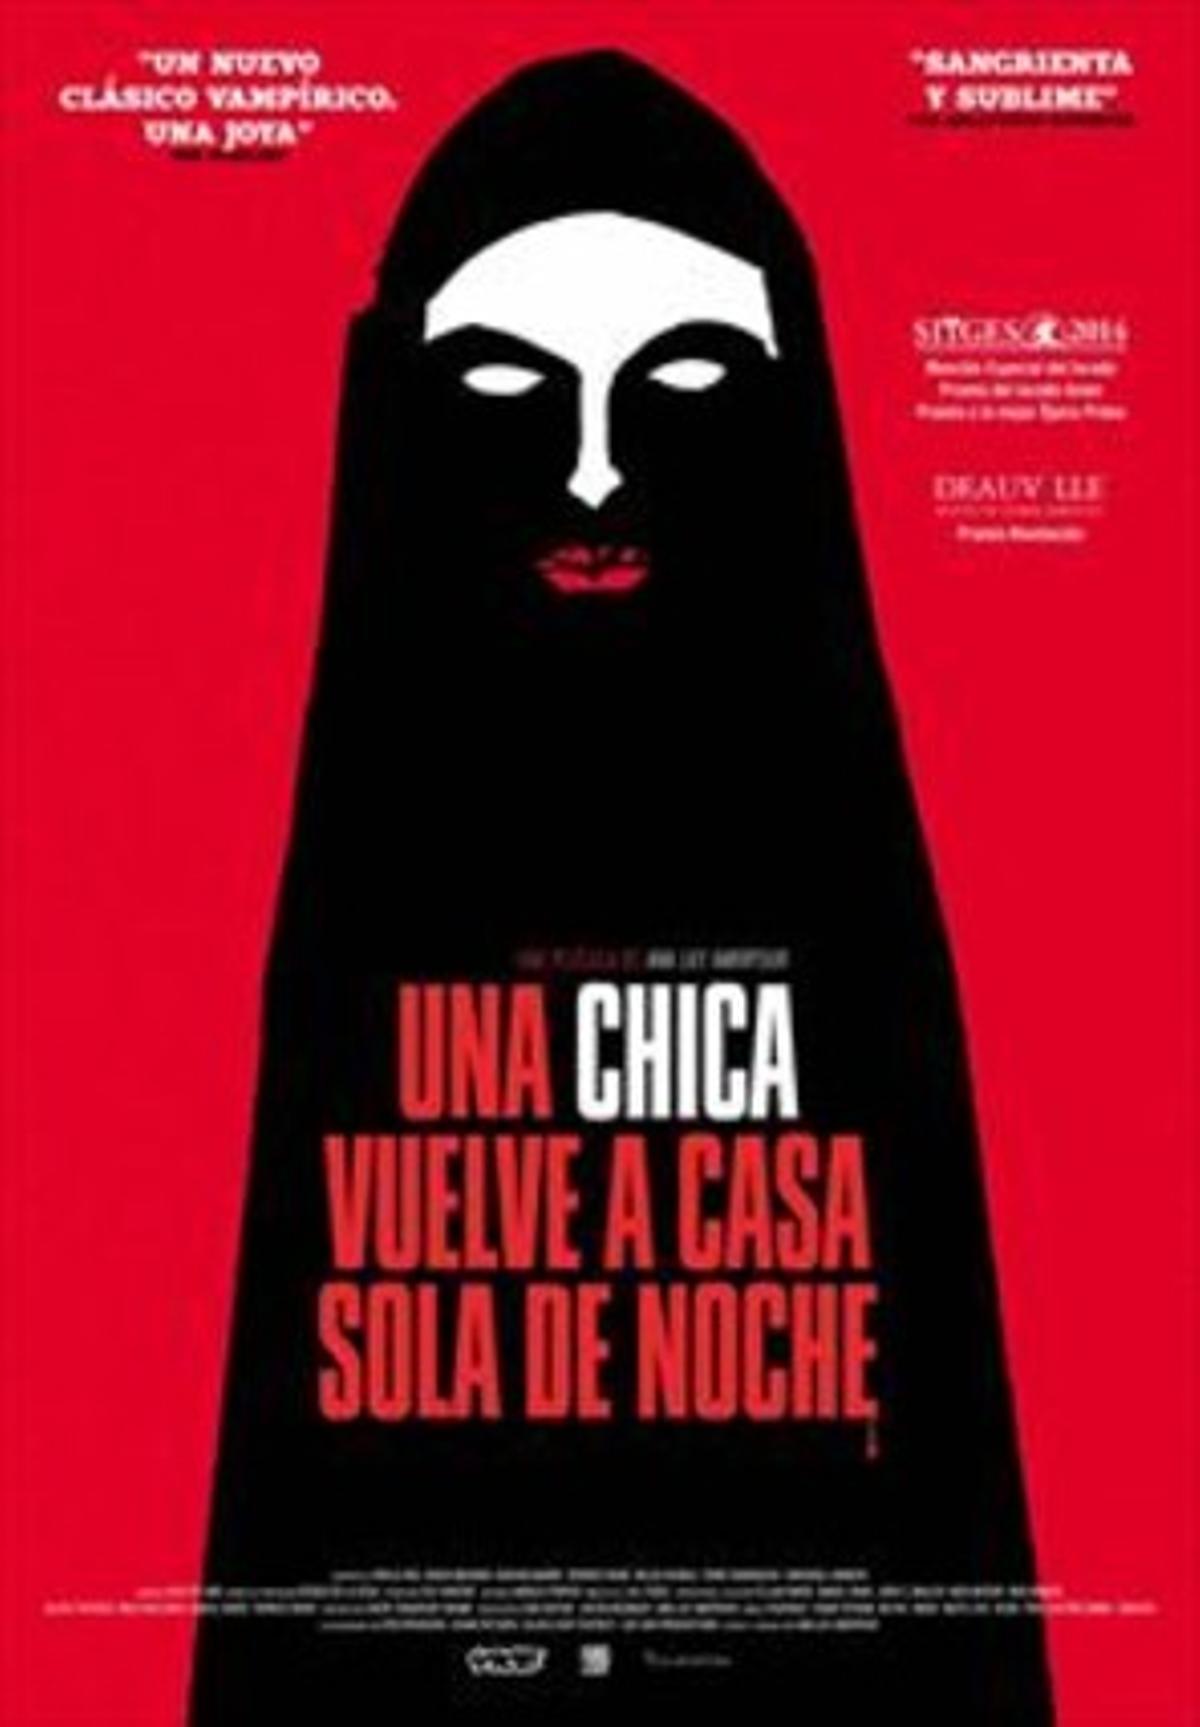 'Una chica vuelve a casa sola de noche', vampiros en un falso Irán.